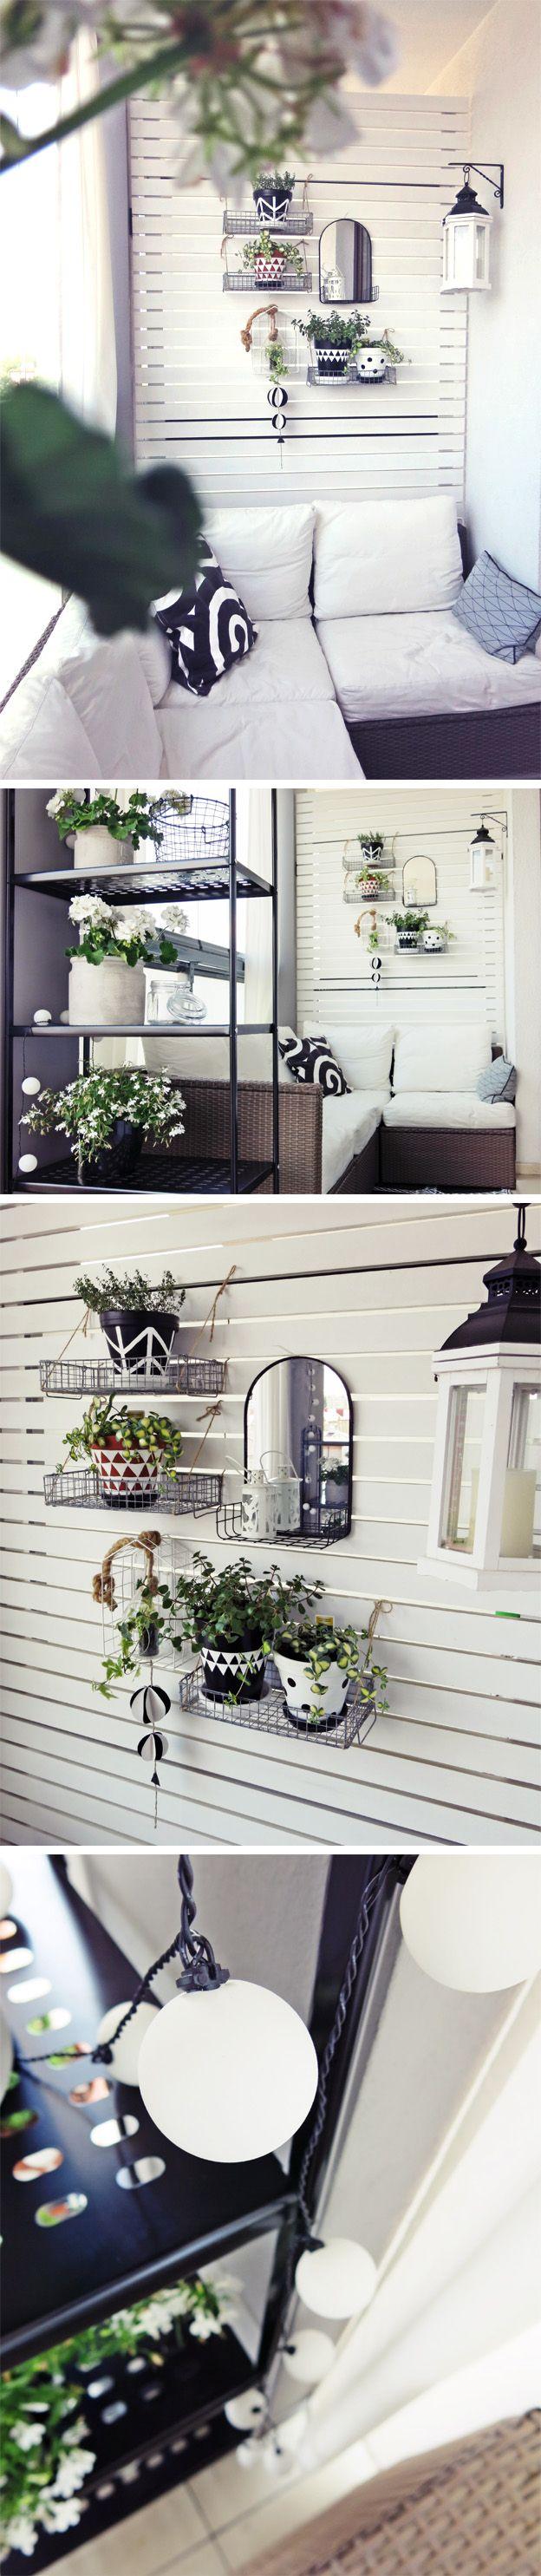 My balcony 2016 :)